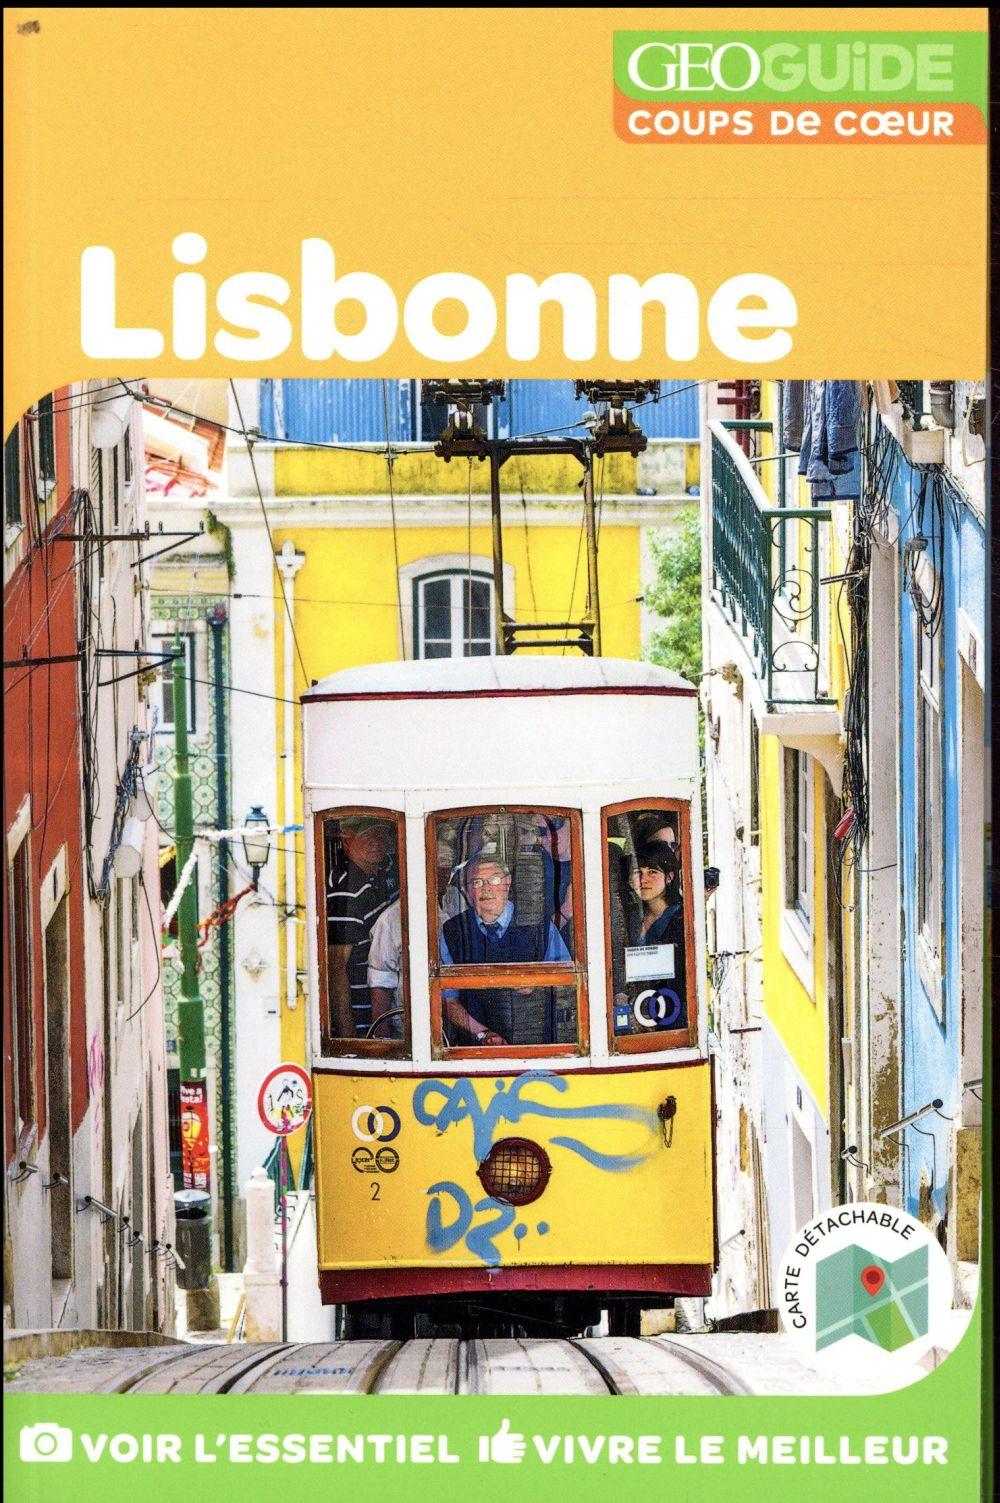 GEOguide coups de cœur ; Lisbonne (édition 2018)